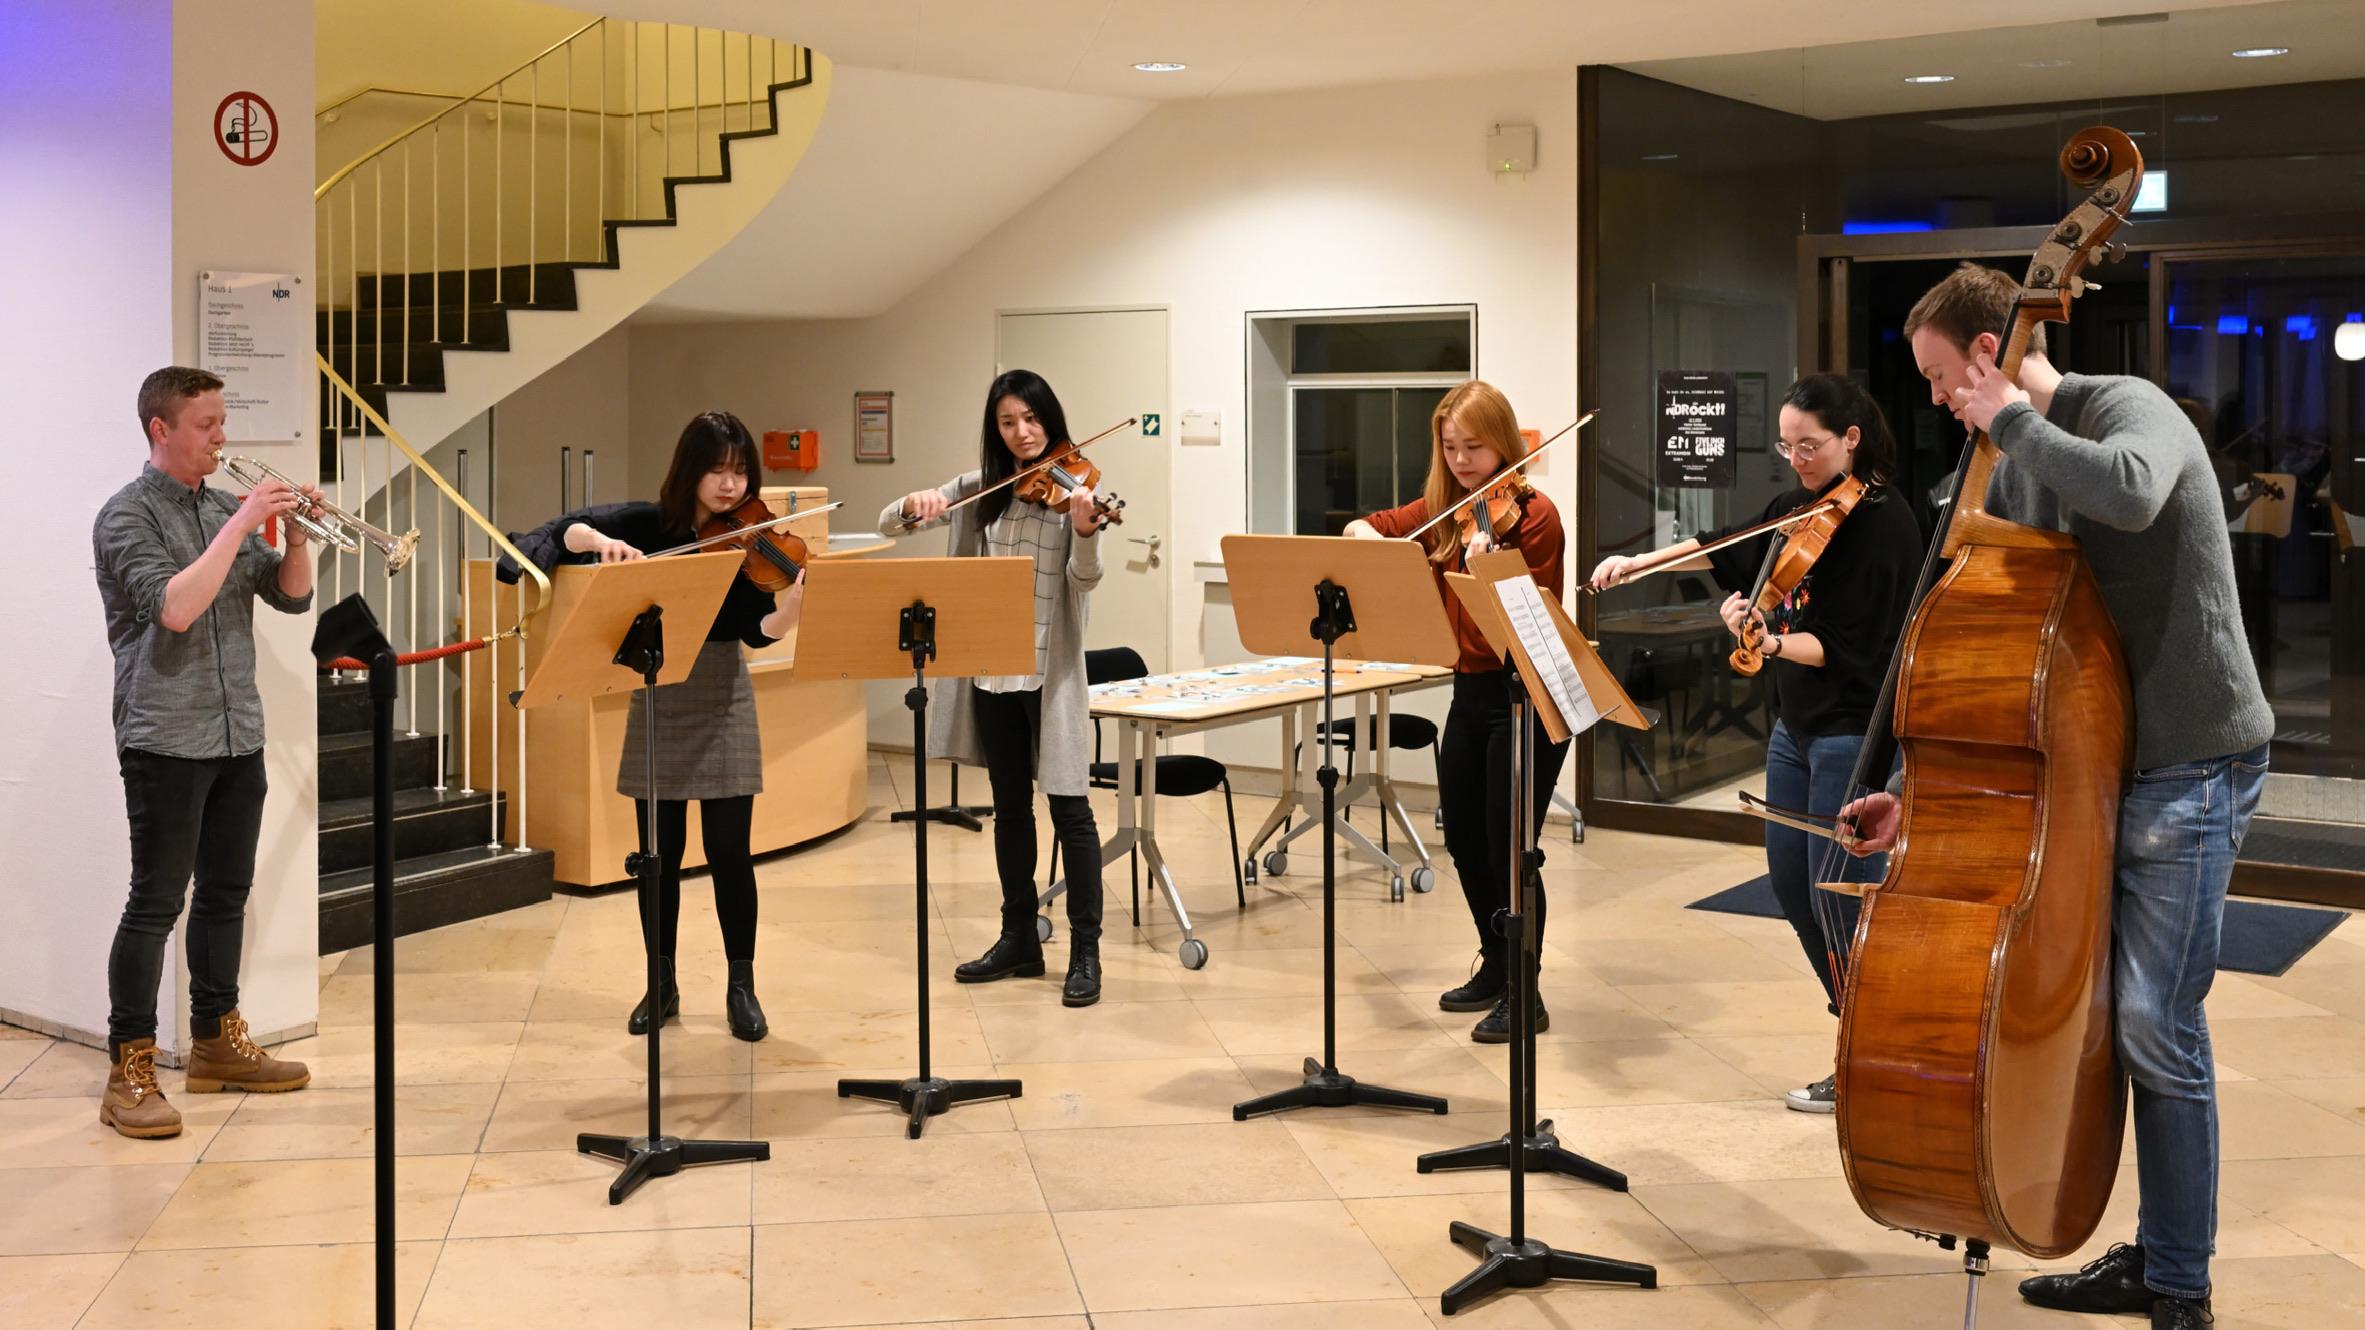 Die Freunde der NDR Radiophilharmonie stellen ihr Meet & Greet 2020 vor. Foto: Carsten P. Schulze